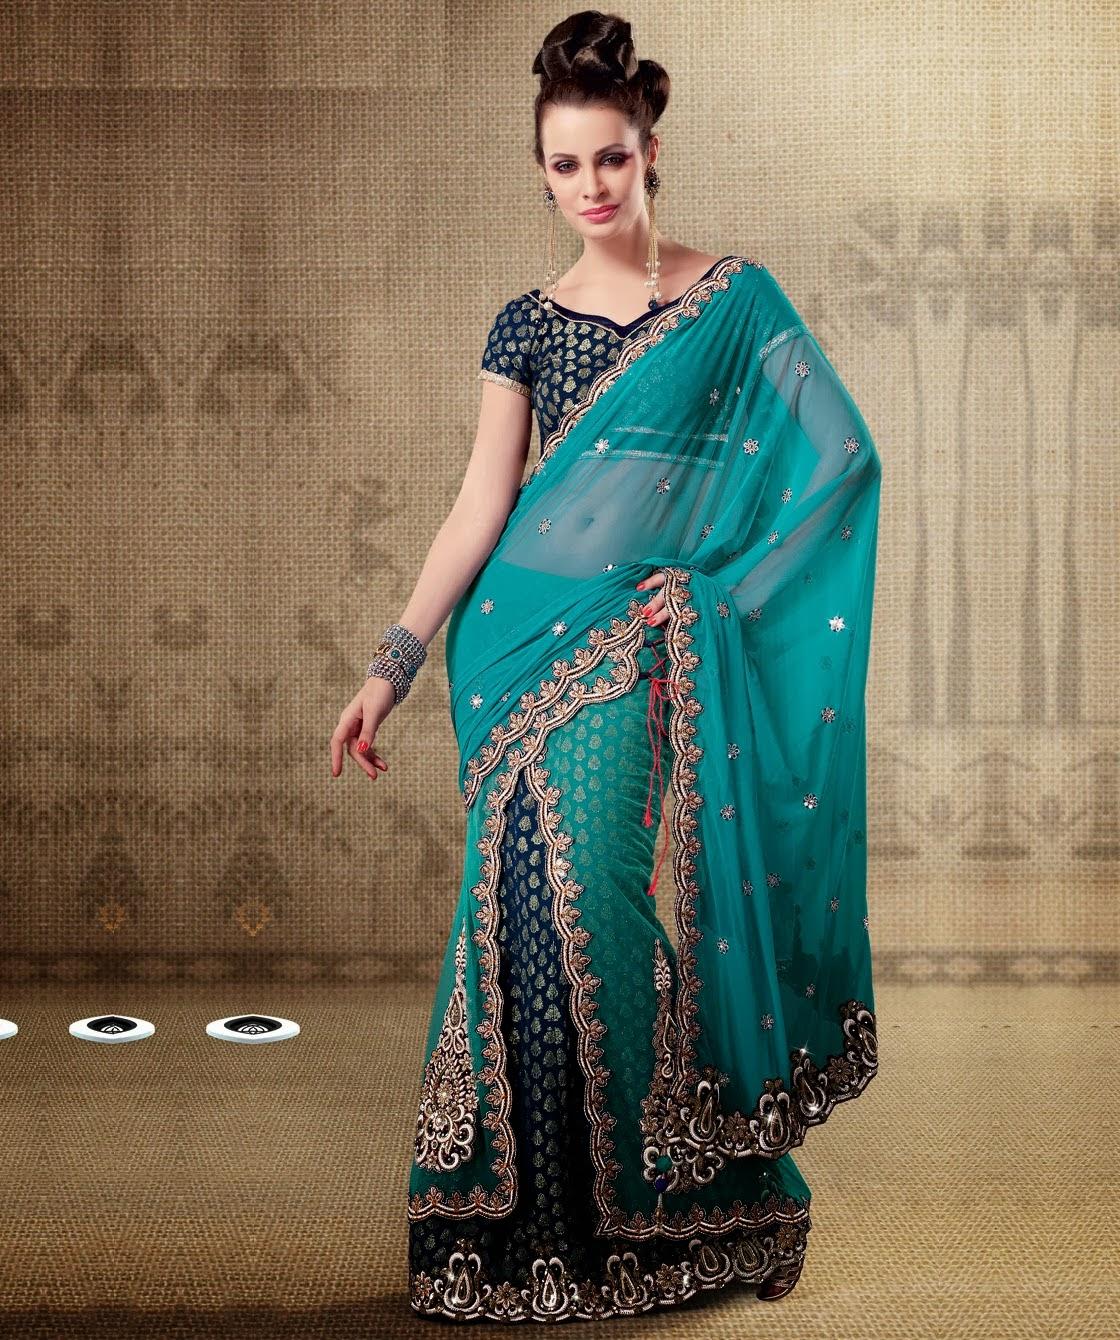 Indian Wedding Lehenga Saree | Indian Bridals Saree Lehenga ...